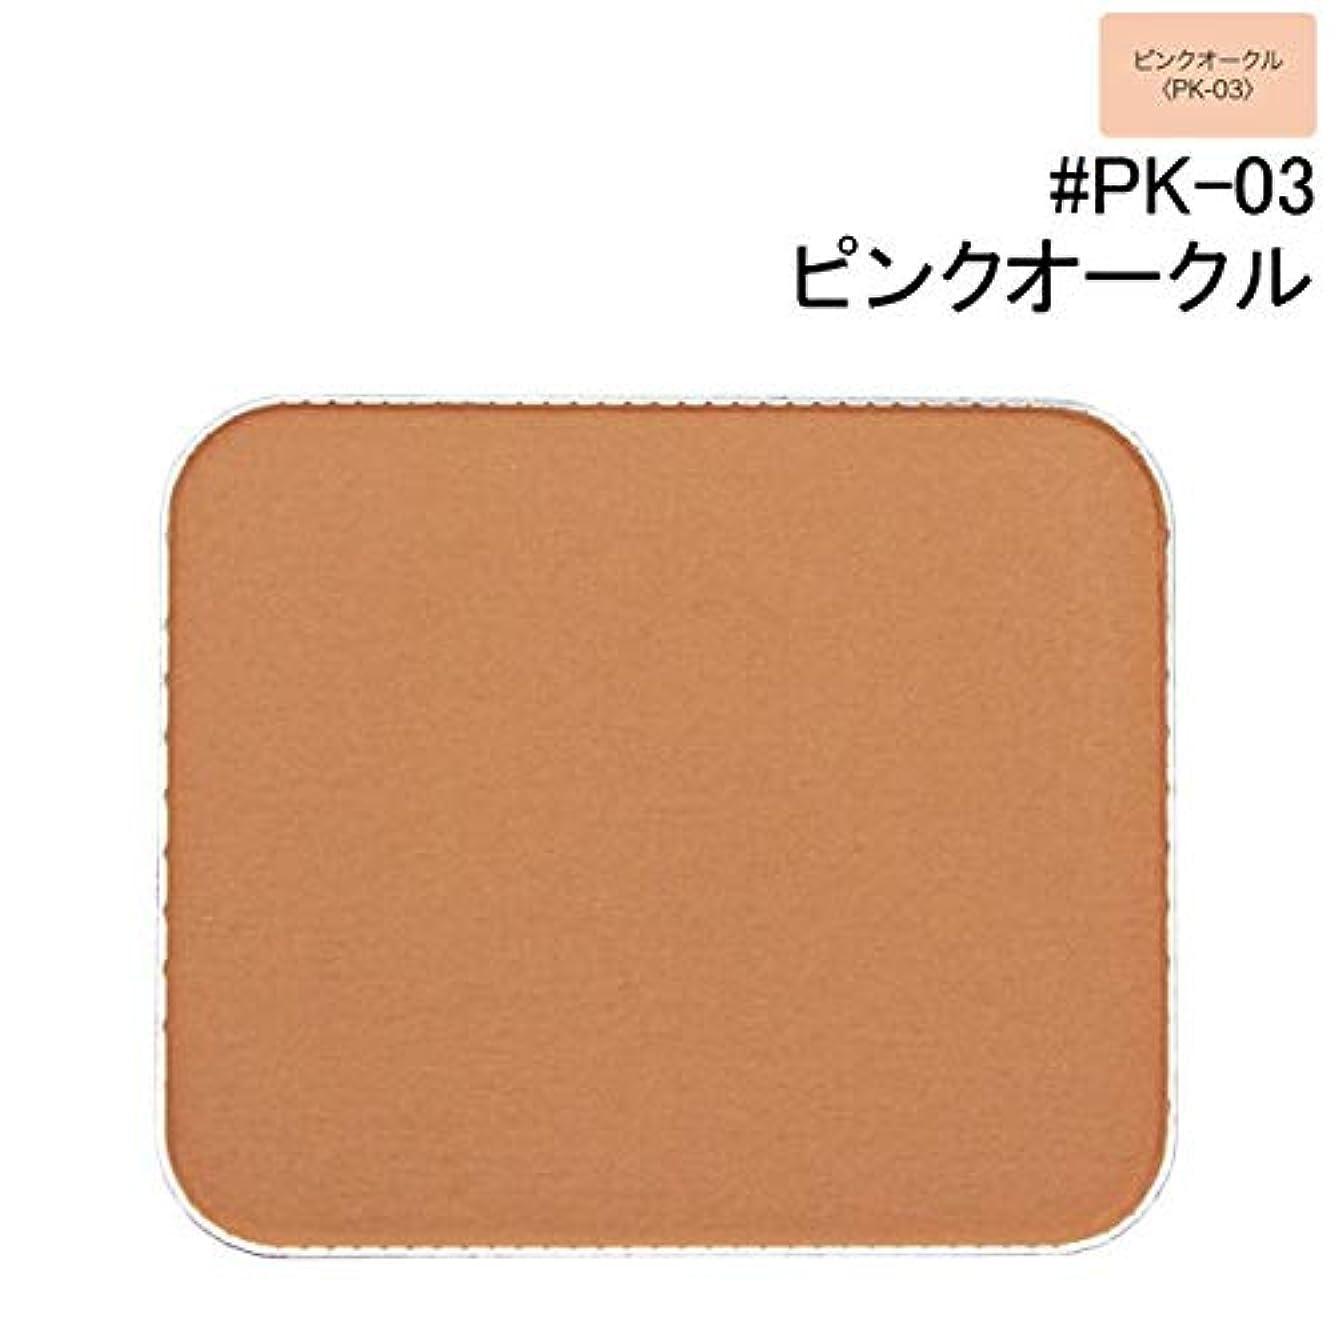 溶ける歩道十分ではない【アスタリフト】アスタリフト ライティングパーフェクション ロングキープパクトUV #PK-03 ピンクオークル (レフィル) 9g